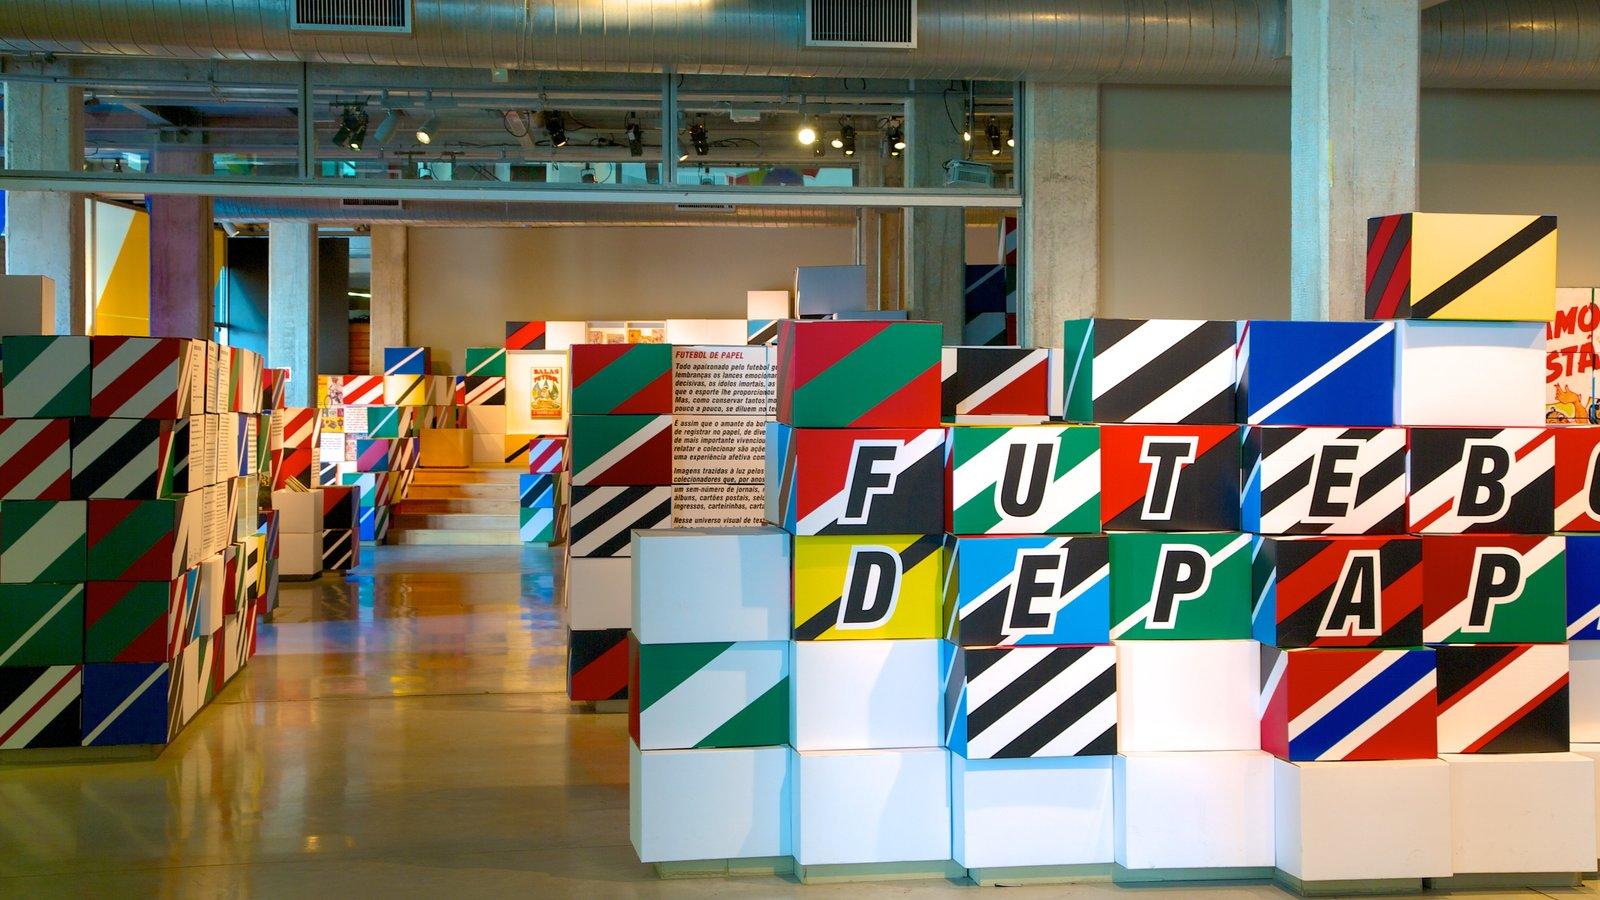 Museu do Futebol caracterizando sinalização e vistas internas